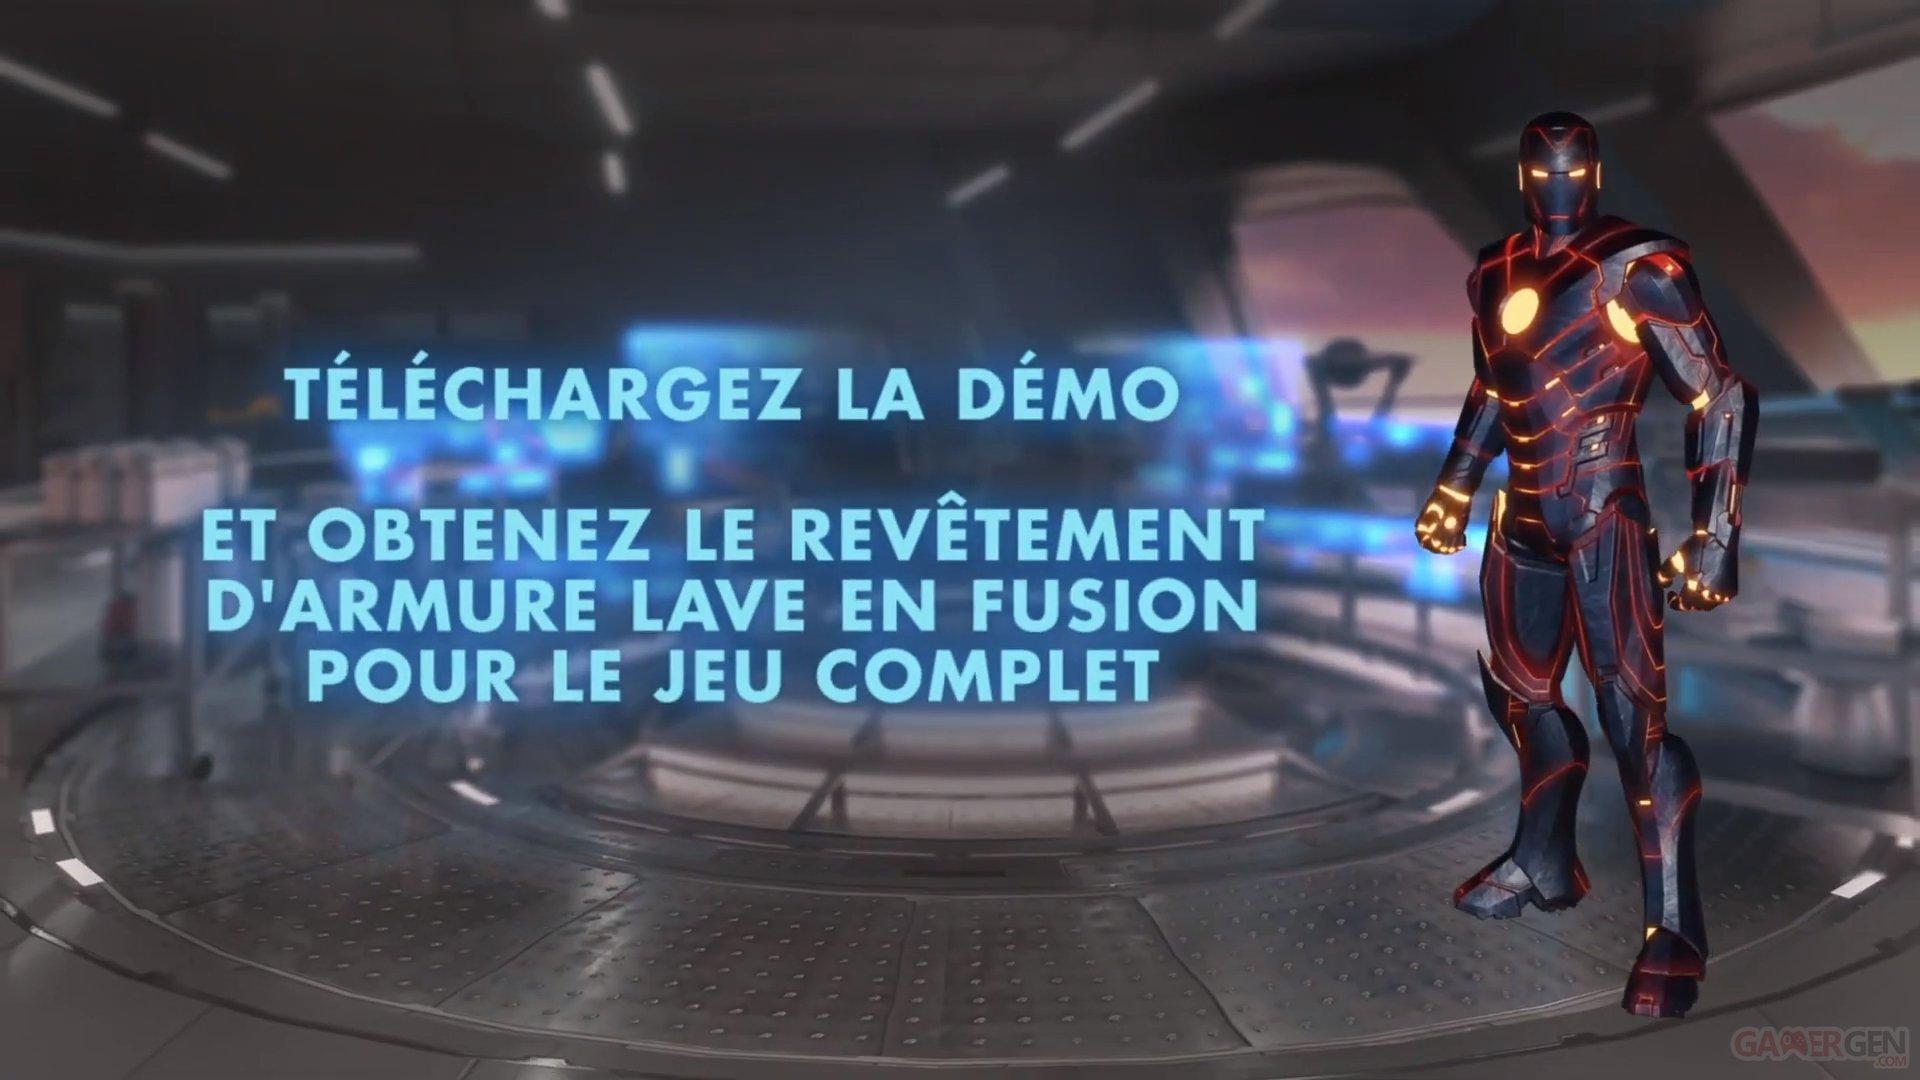 Une démo jouable de Marvel's Iron Man VR est disponible